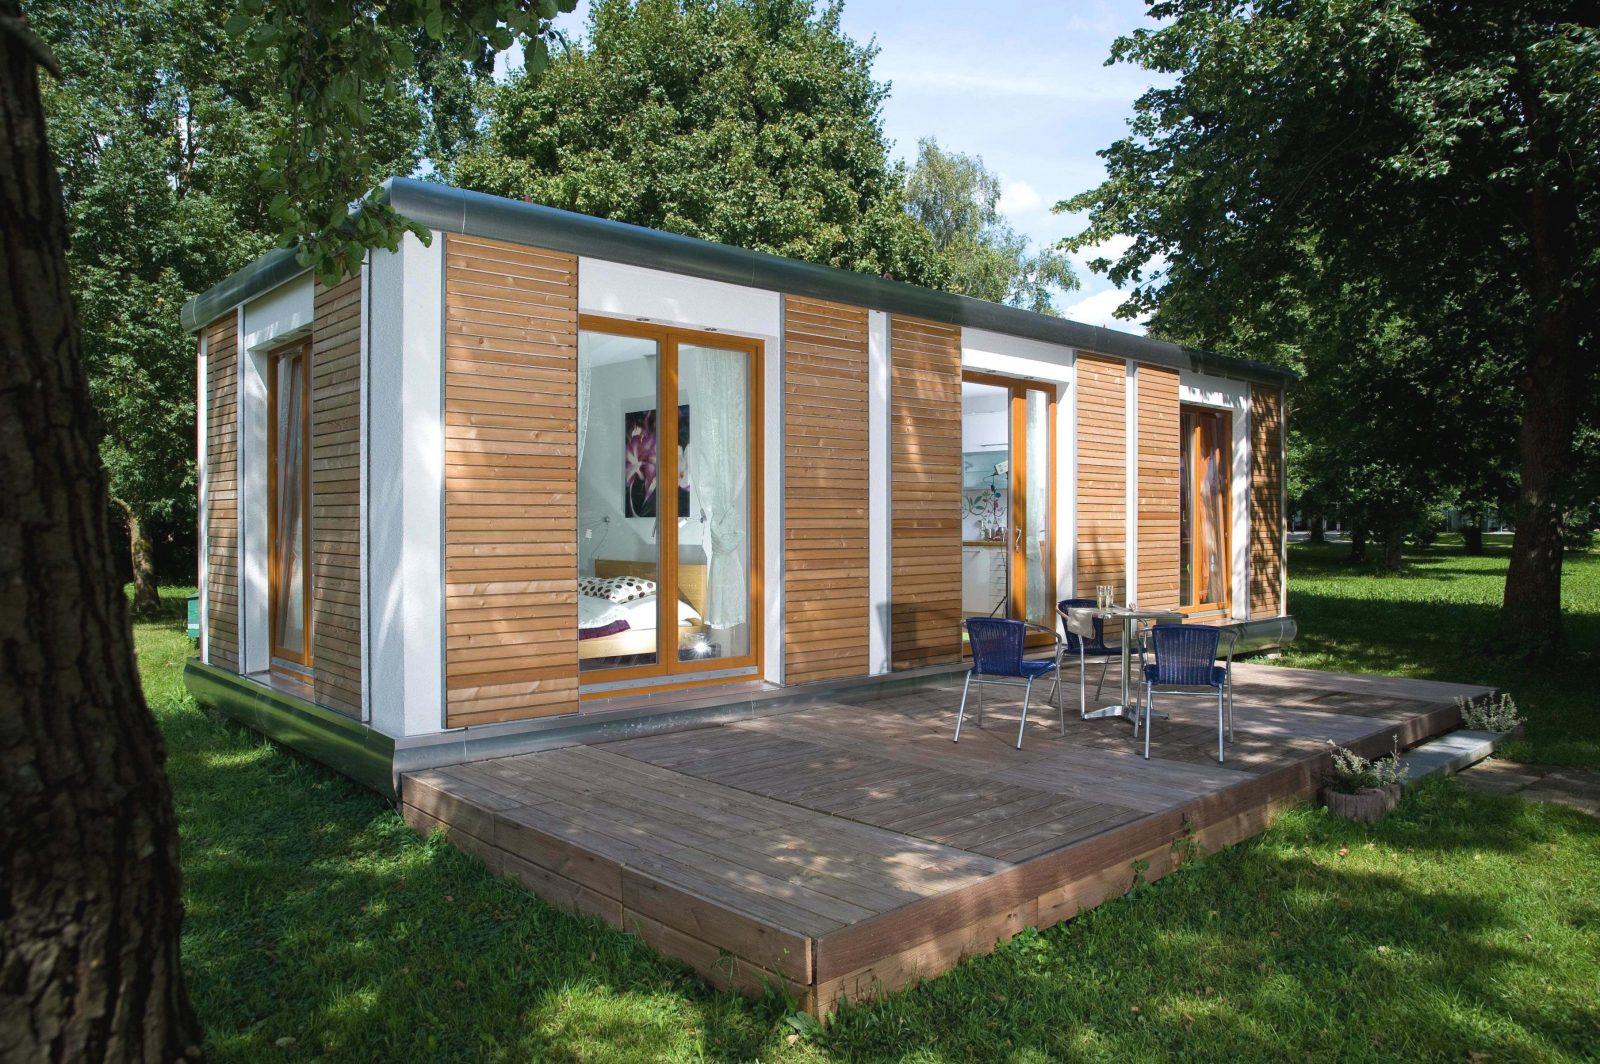 Well Suited Design Kleines Fertighaus Ein Singlehaus Für Zwei Tiny von Kleines Fertighaus 2 Personen Bild